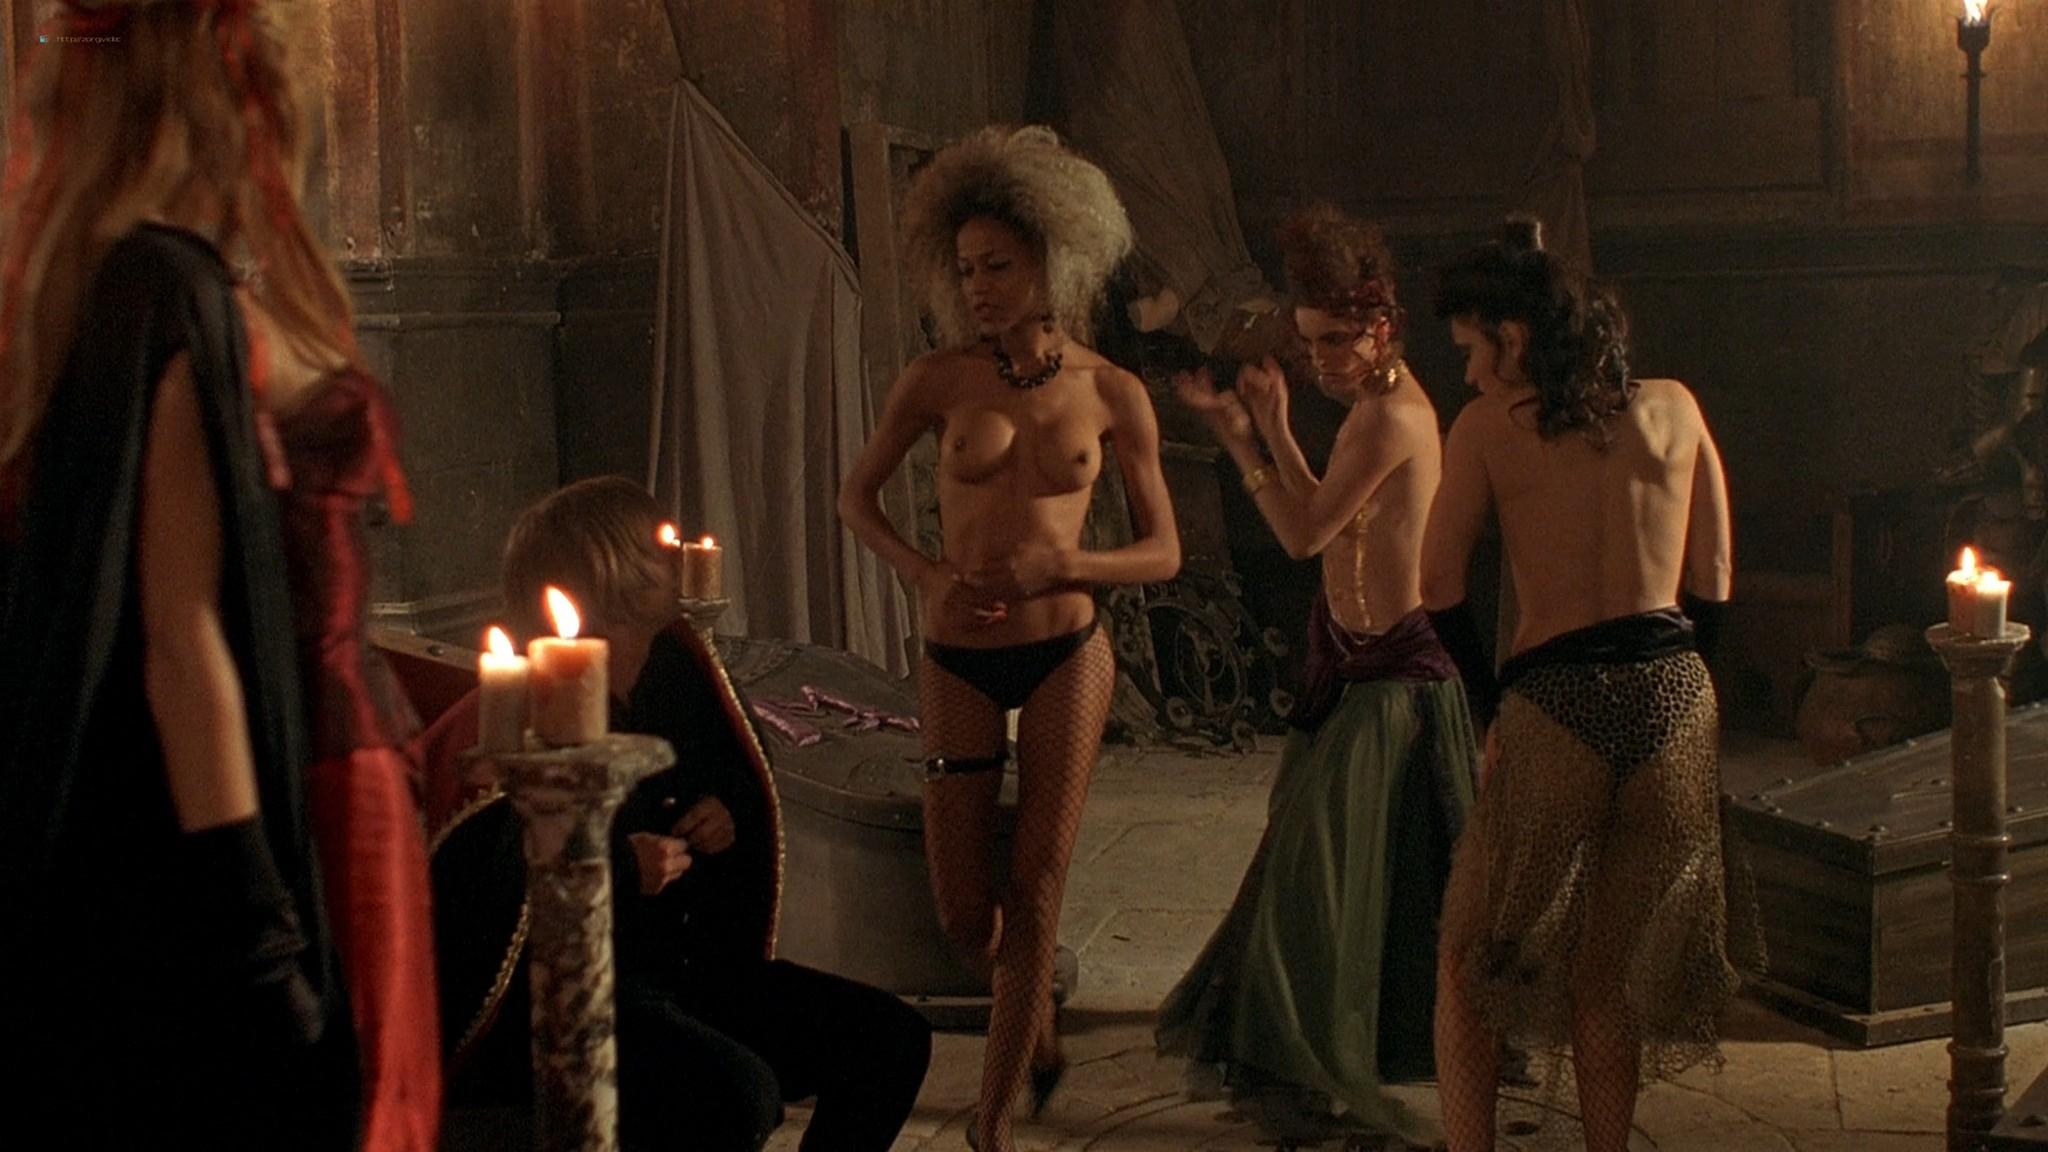 Jennifer Lyons hot Simon Petric, Desiree Malonga and others nude - Transylmania (2009) HD 1080p BluRay (r) (9)